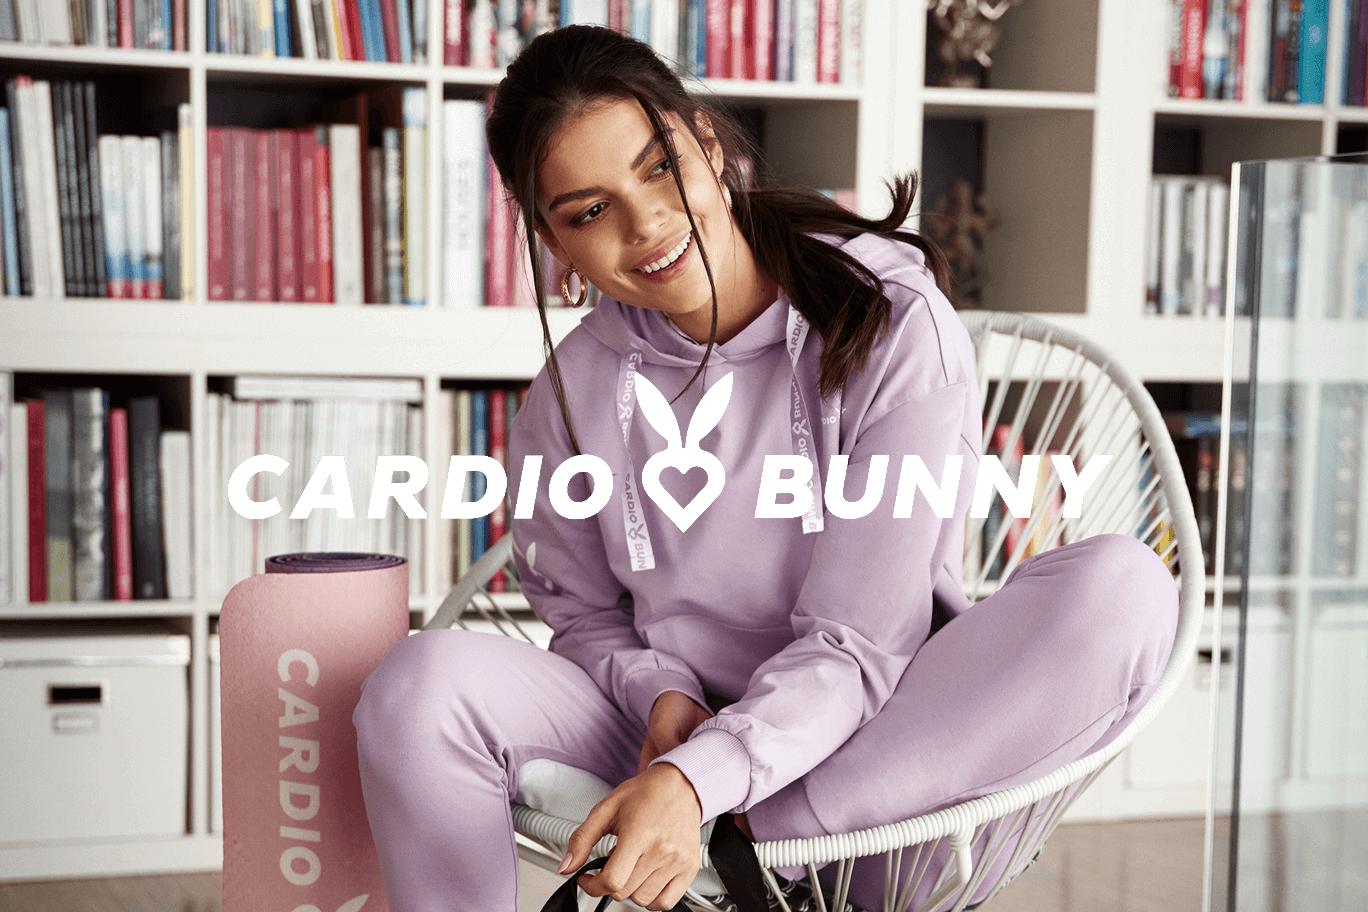 Odzież sportowa Cardio Bunny w Pepco